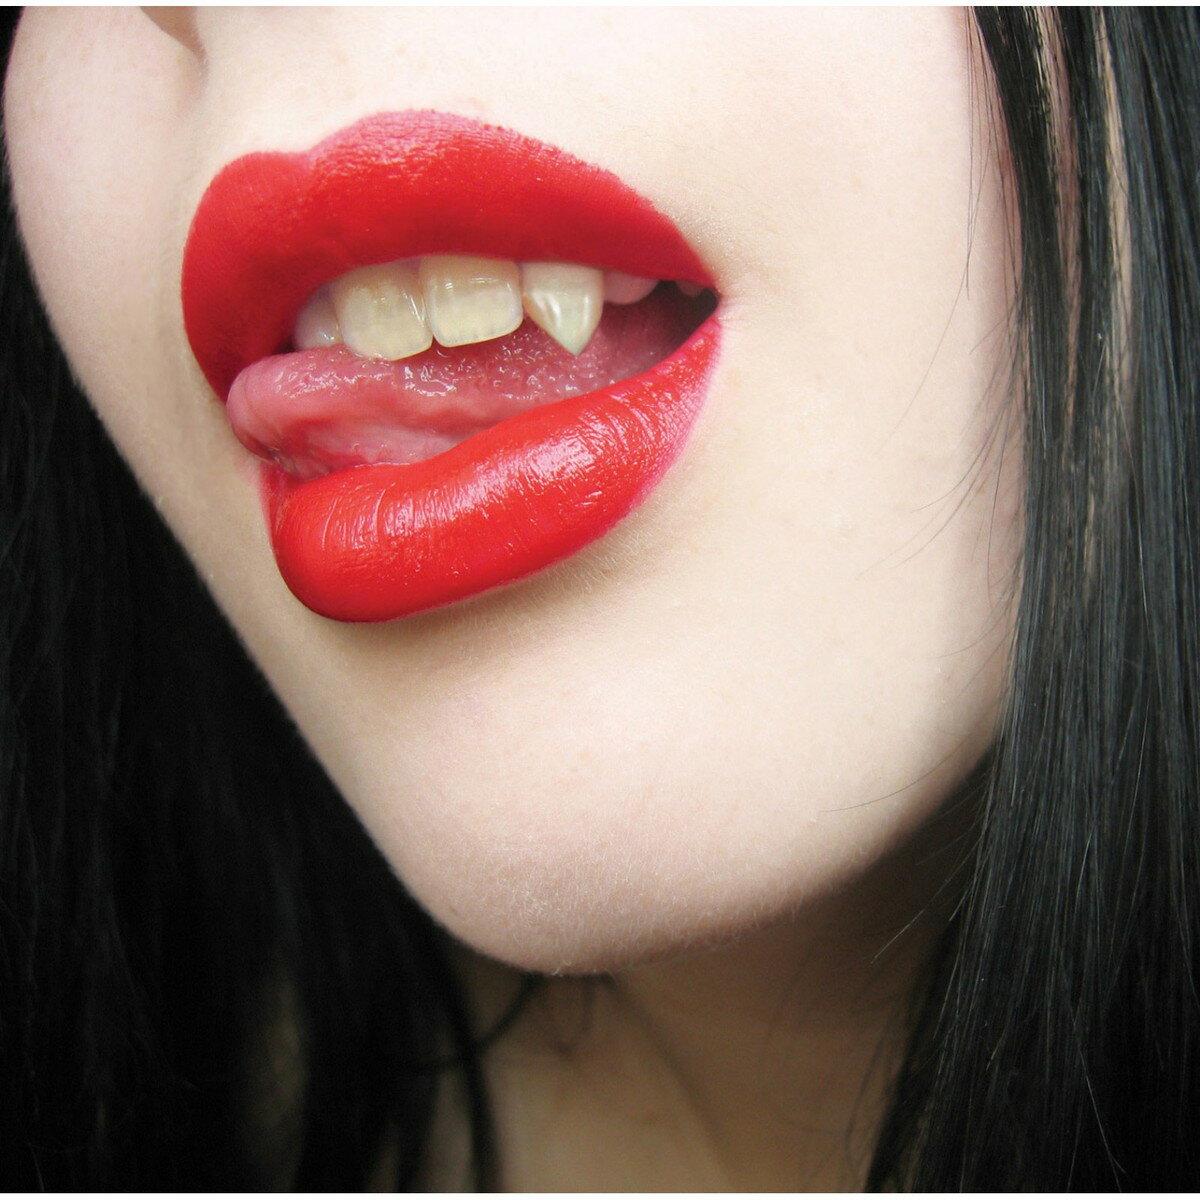 吸血鬼 ドラキュラ ハロウィン コスプレ 仮装 グッズ 牙 歯 付け歯 キバ 女性用 ハートの箱入り ラブ・バイト あす楽